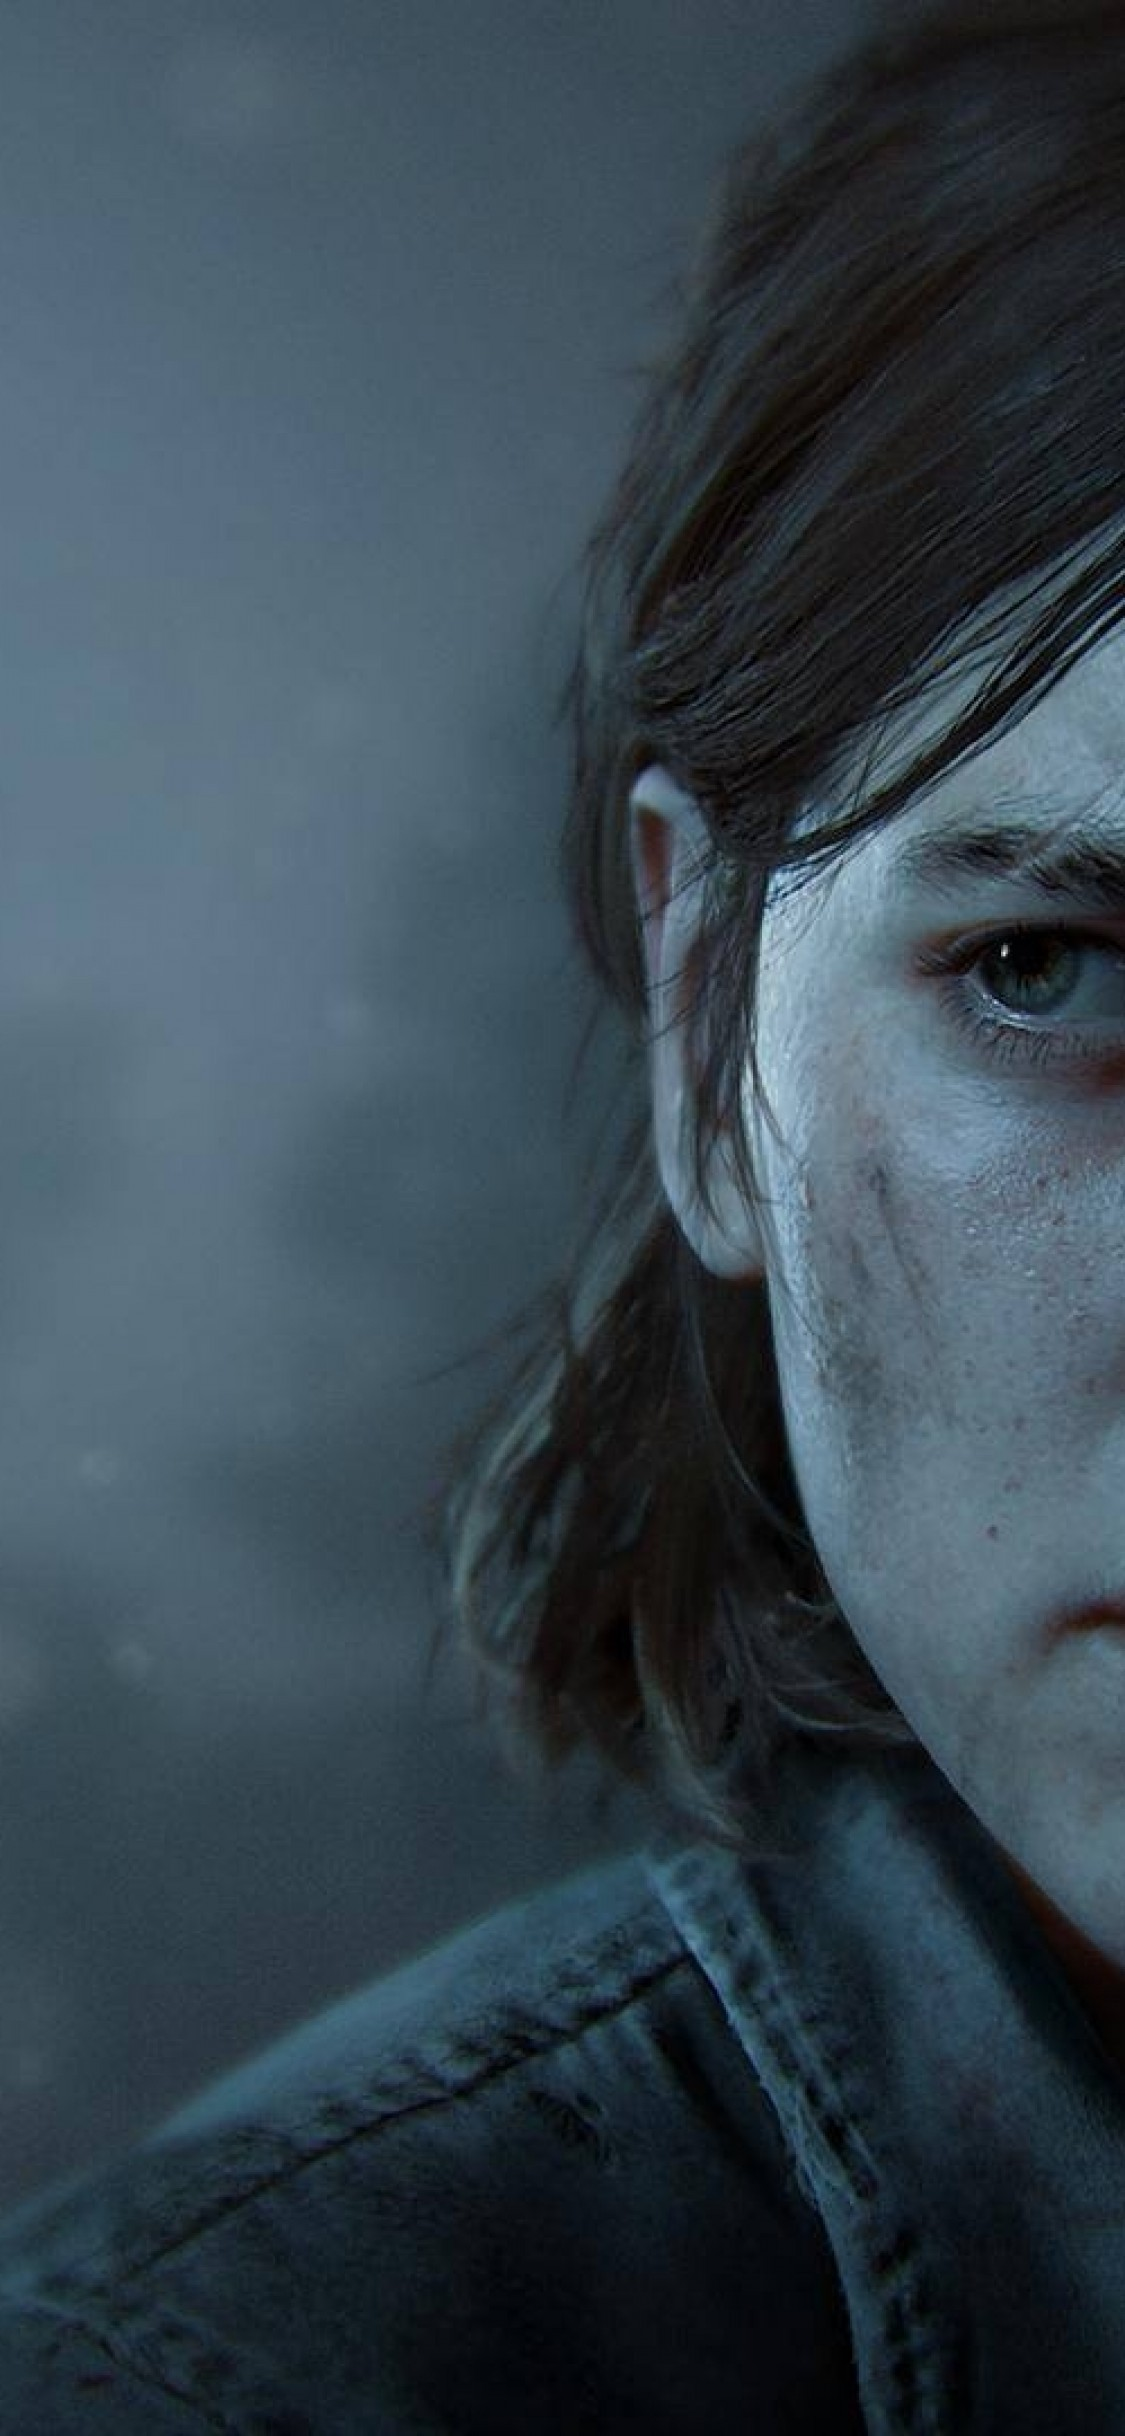 Download 1125x2436 The Last Of Us Part 2 Ellie Face Portrait 1125x2436